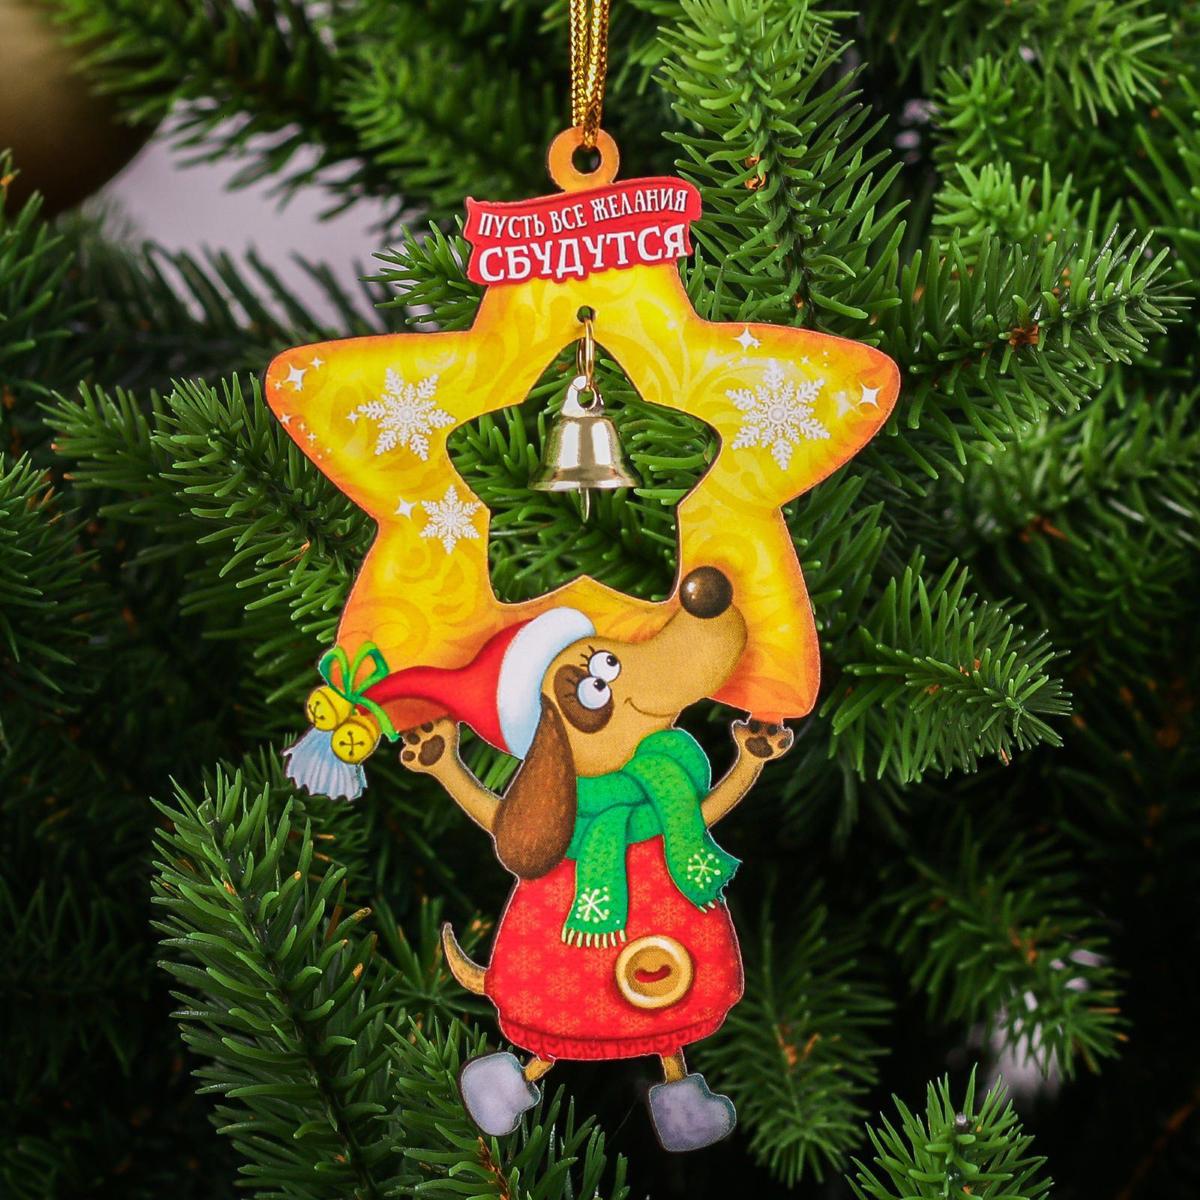 Украшение новогоднее подвесное Пусть все желания сбудутся, 6,8 х 10,9 см2252488Новогоднее подвесное украшение, выполненное из дерева, отлично подойдет для декорации вашего дома и новогодней ели. С помощьюспециальной петельки украшение можно повесить в любом понравившемся вам месте. Но, конечно, удачнее всего оно будет смотреться напраздничной елке. Украшение дополнено металлическим колокольчиком.Елочная игрушка - символ Нового года. Она несет в себеволшебство и красоту праздника. Такое украшение создаст ввашем доме атмосферу праздника, веселья и радости.